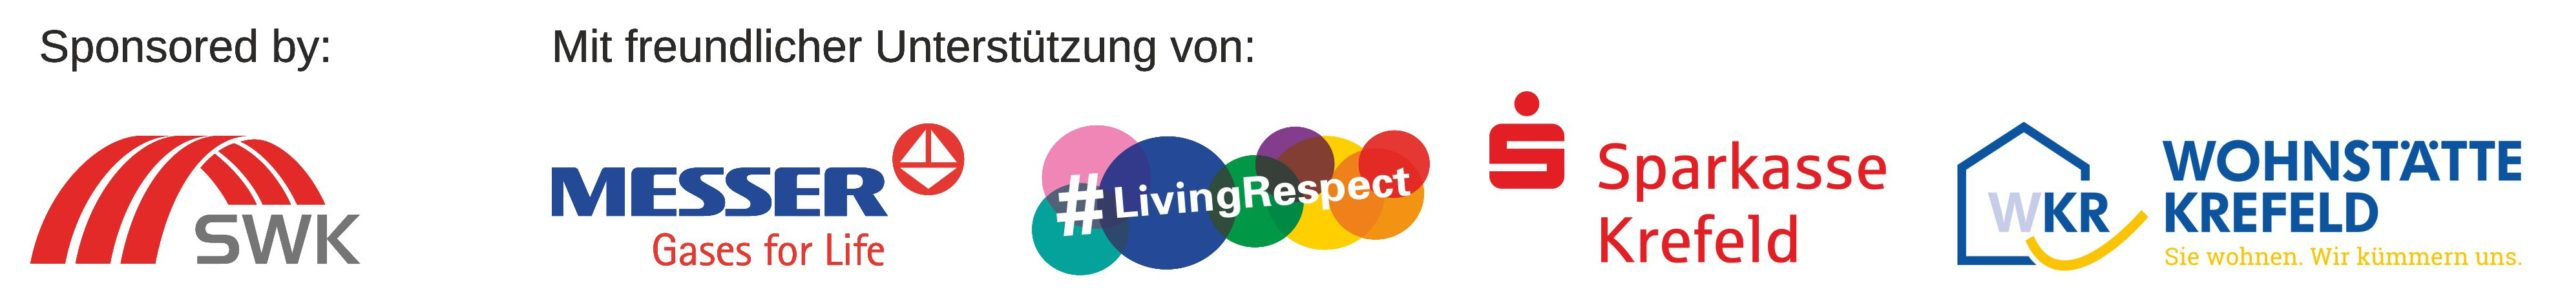 Sponsoren_Unterstuetzer2021